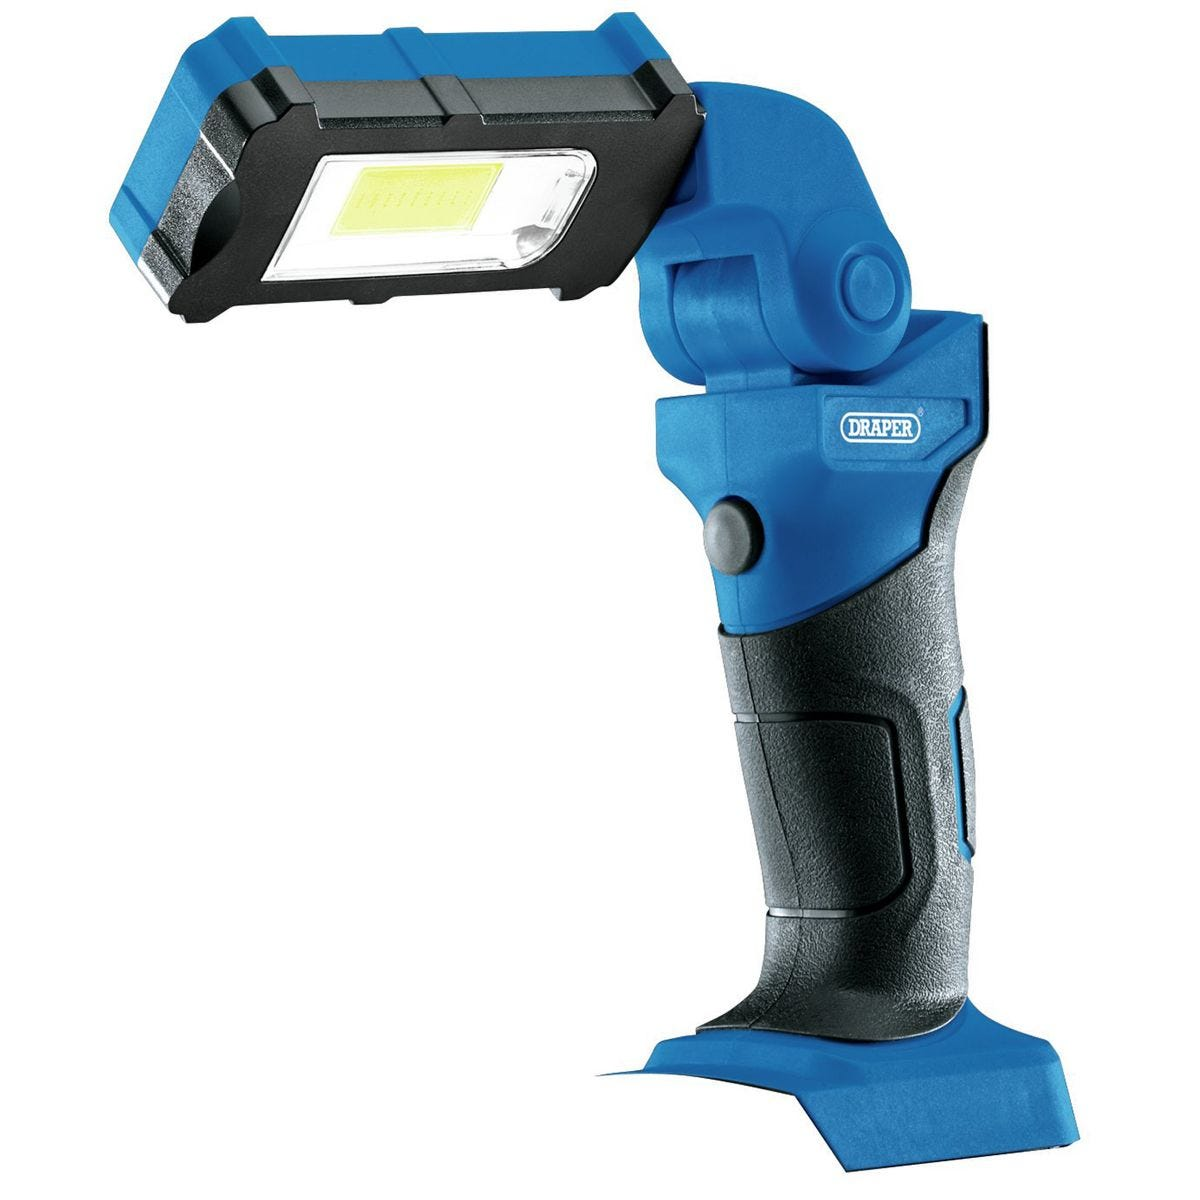 Draper 20V D20 LED Flexible Inspection Light - Bare